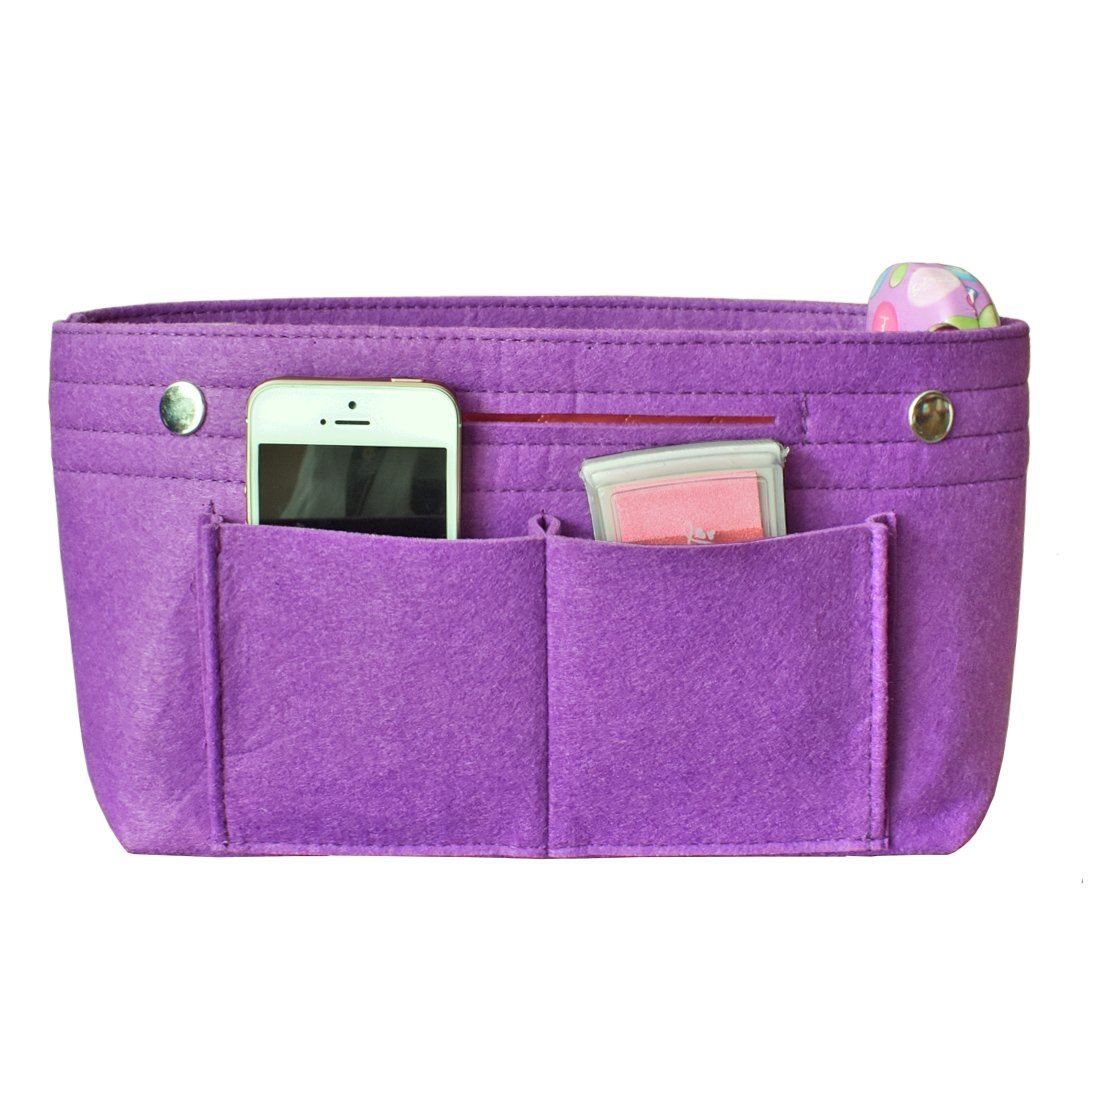 HyFanStr Taschenorganizer Handtasche Einlage Beutel Reise Organizer Taschen Kosmetik Veranstalter Tasche S Tote-DarkGrey-Small